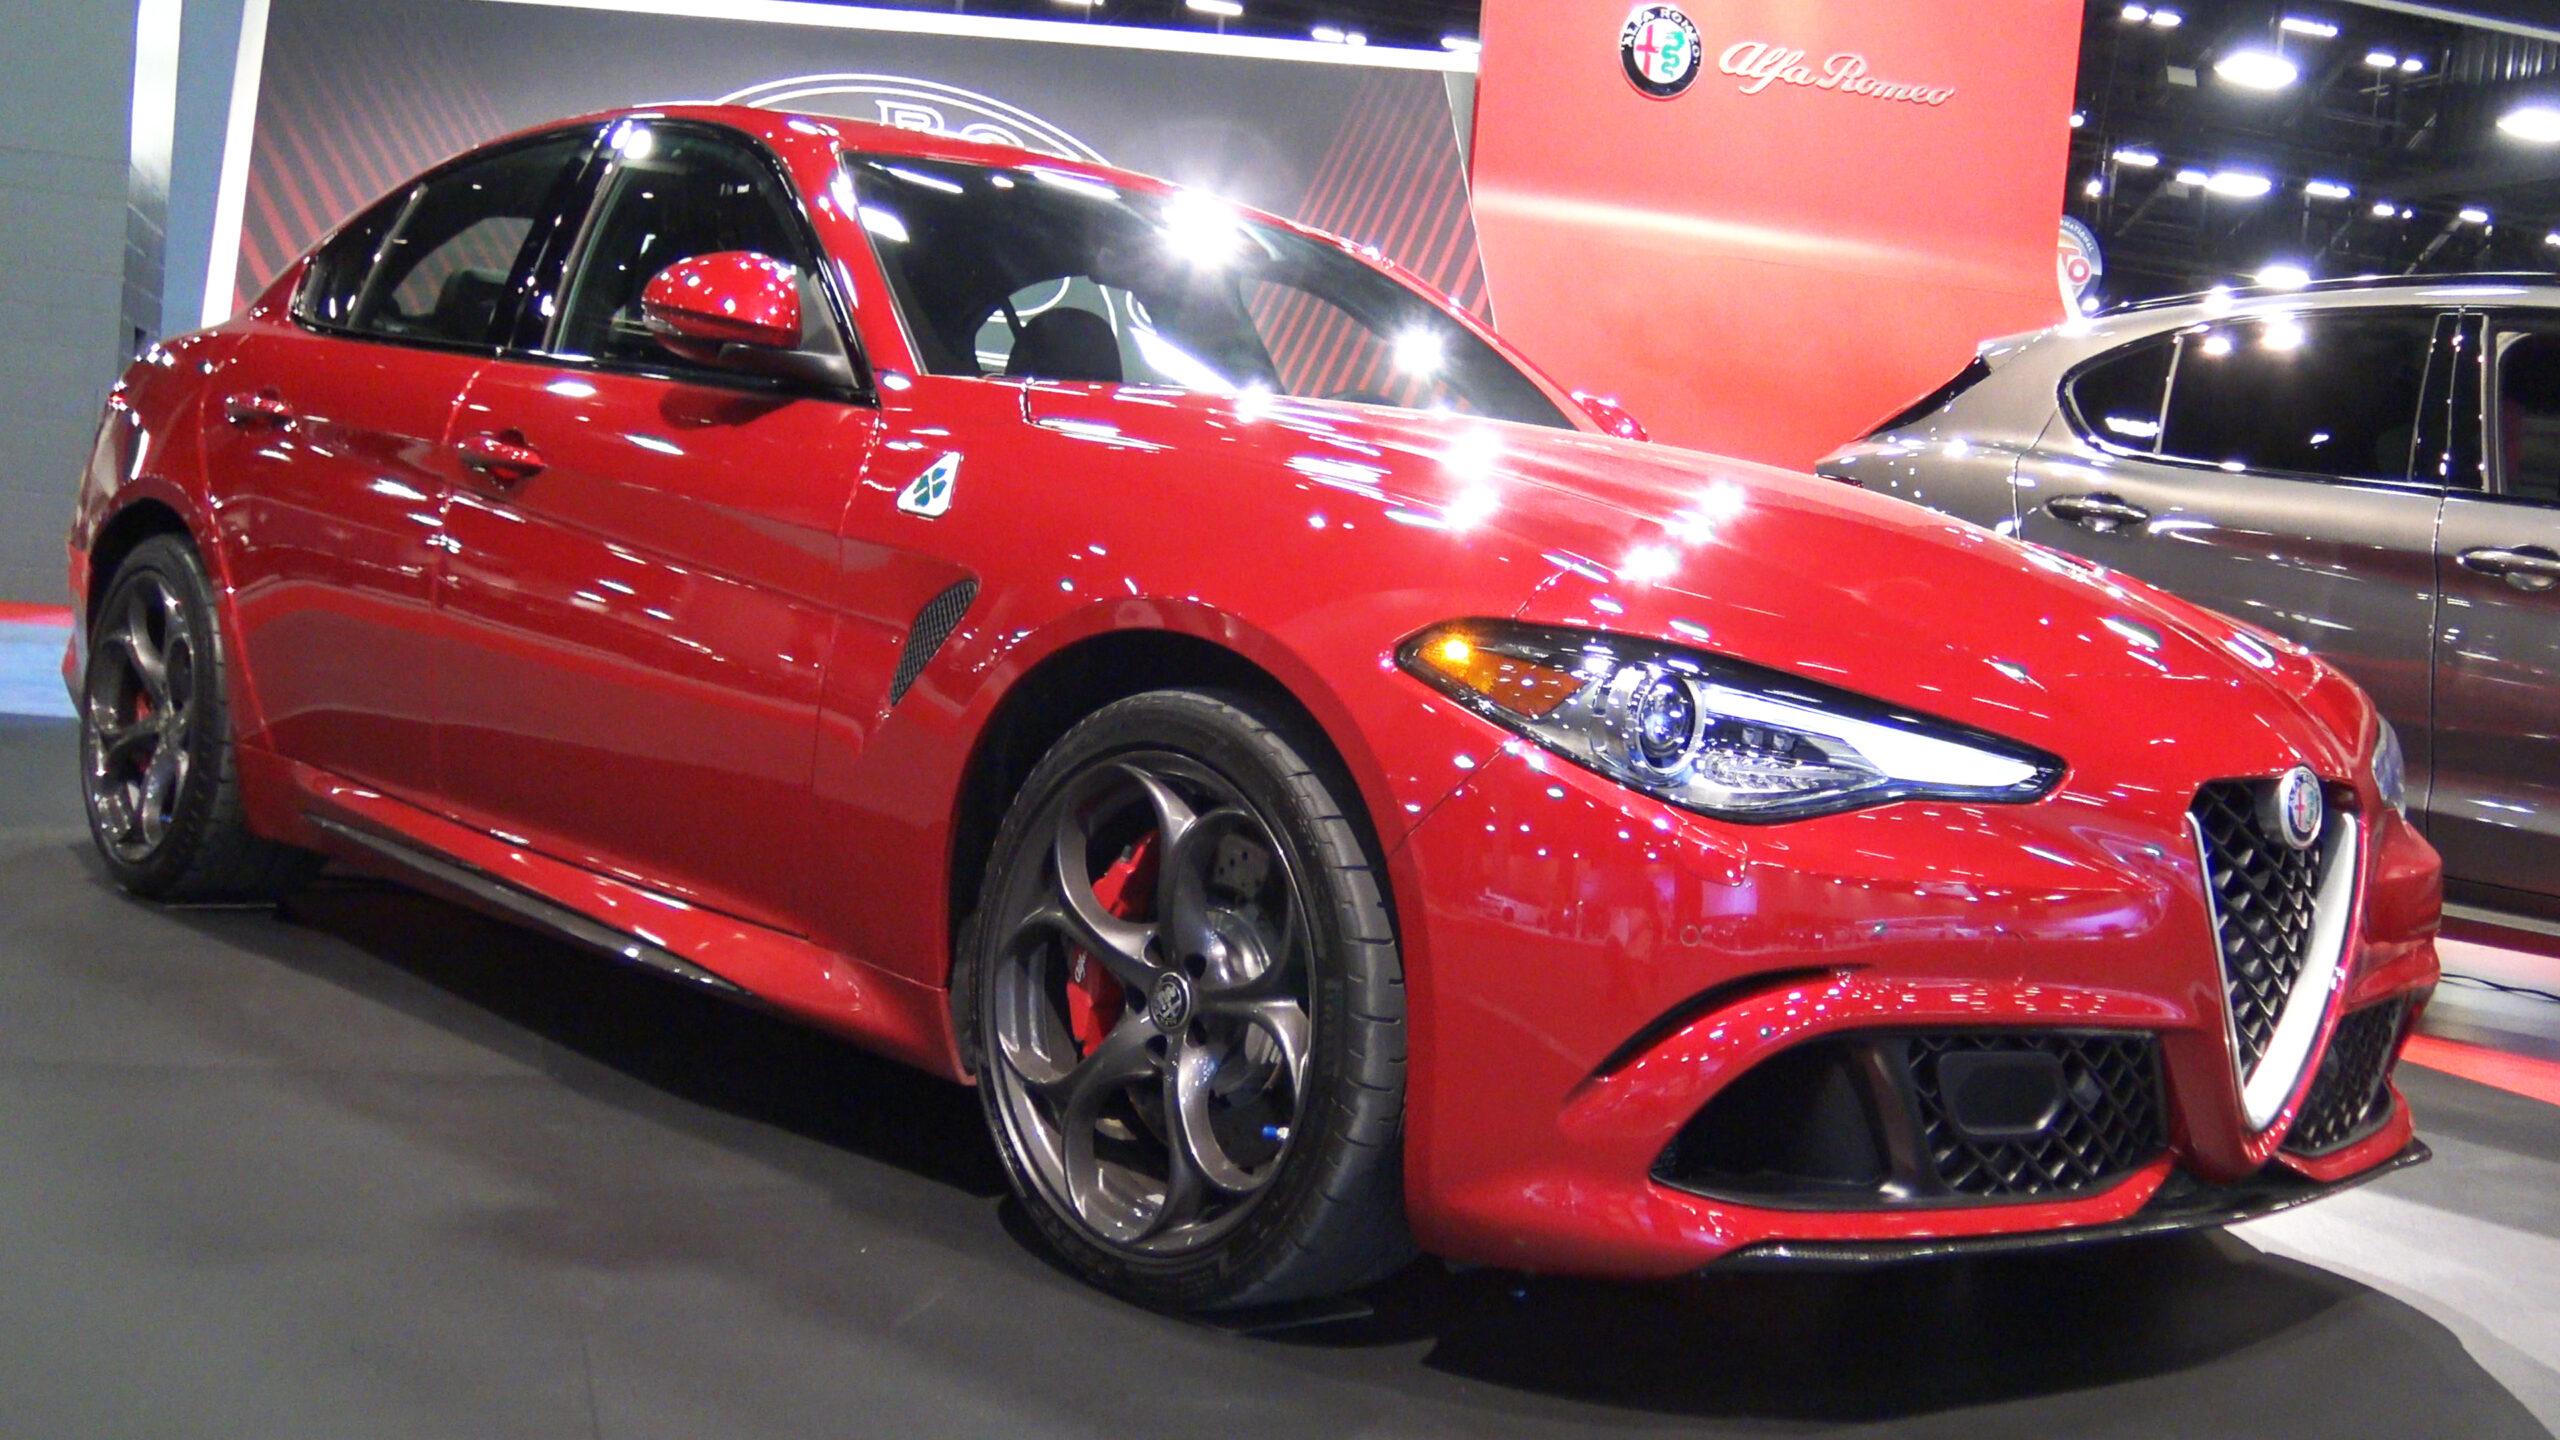 2019 Alfa Romeo Giulia Quadrifoglio in Red